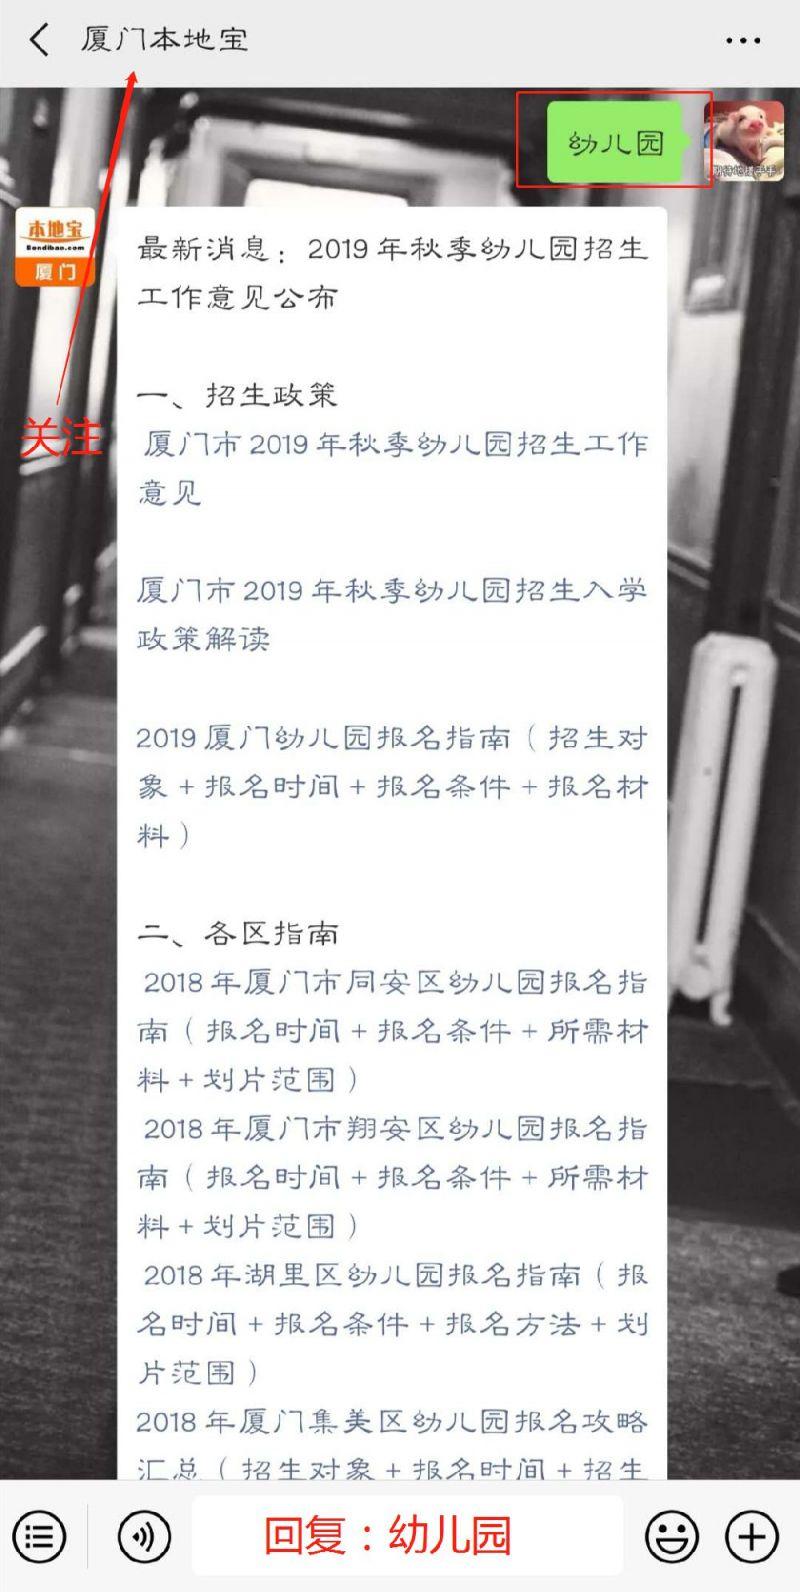 2019思明新生幼儿园入园体检指南(时间 地点 材料 项目)